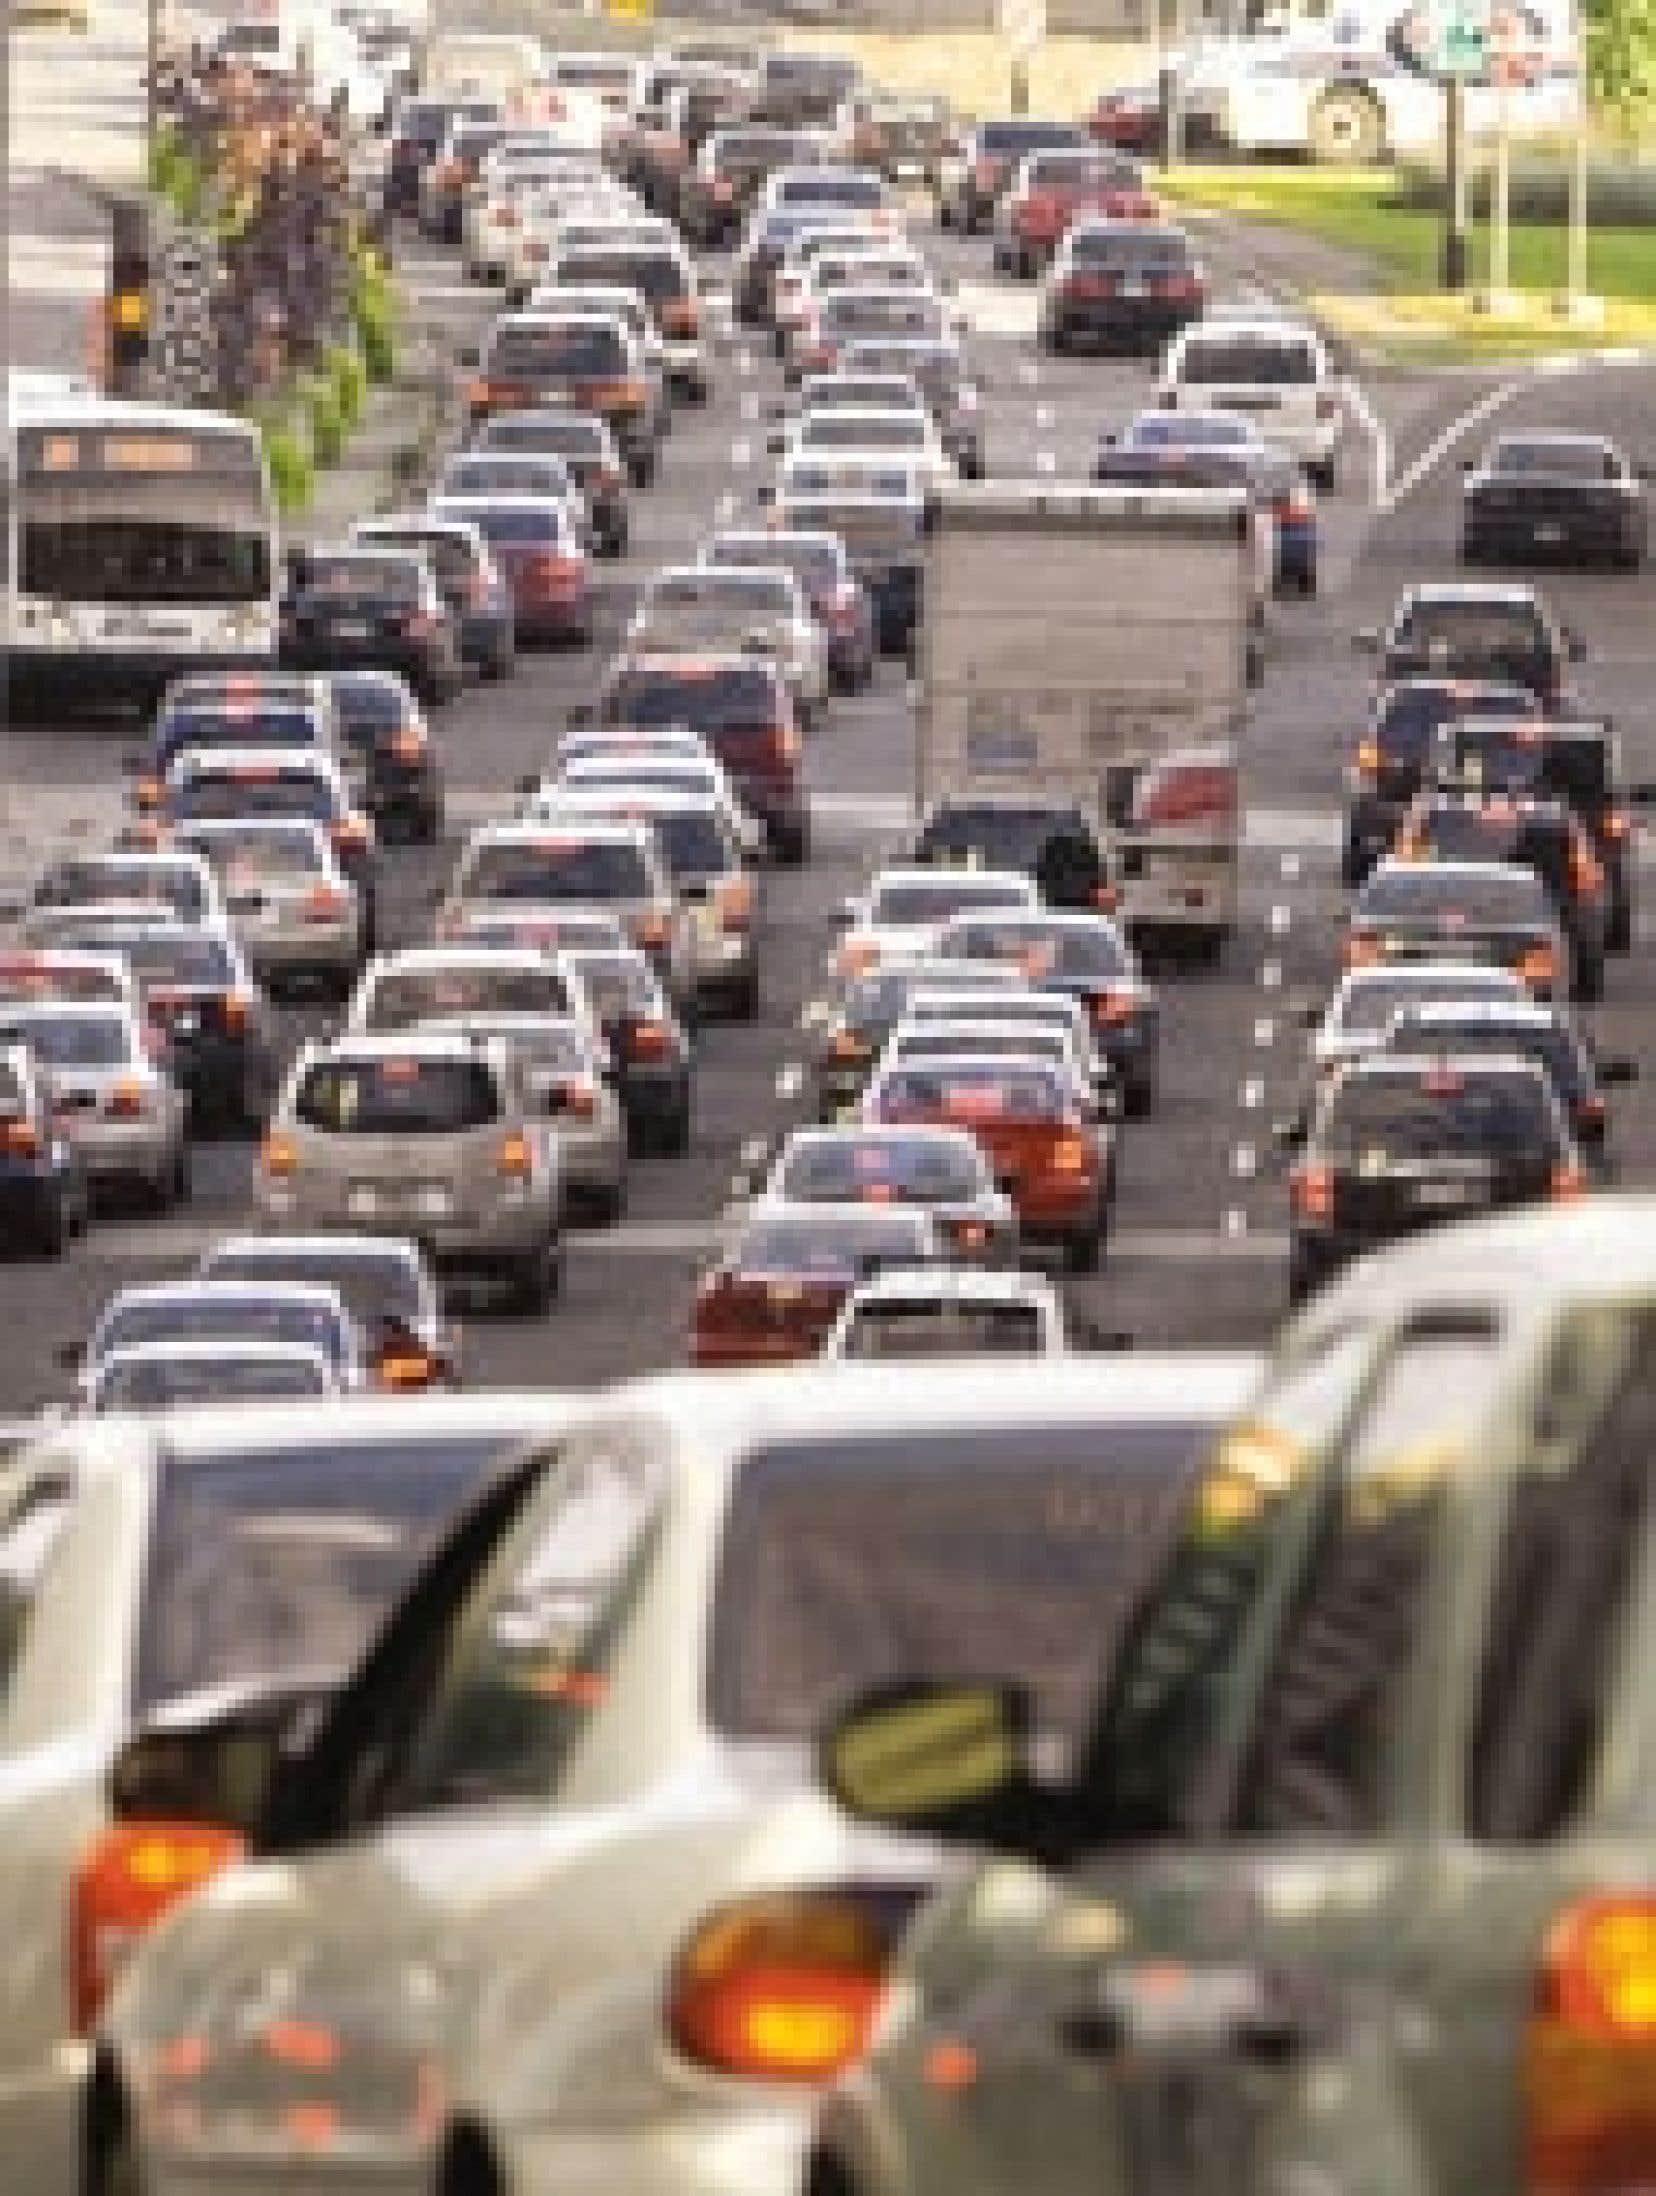 Le ministère des Transports faisait état hier d'environ 10 000 véhicules de moins que d'habitude sur les ponts de Laval à l'heure de pointe.